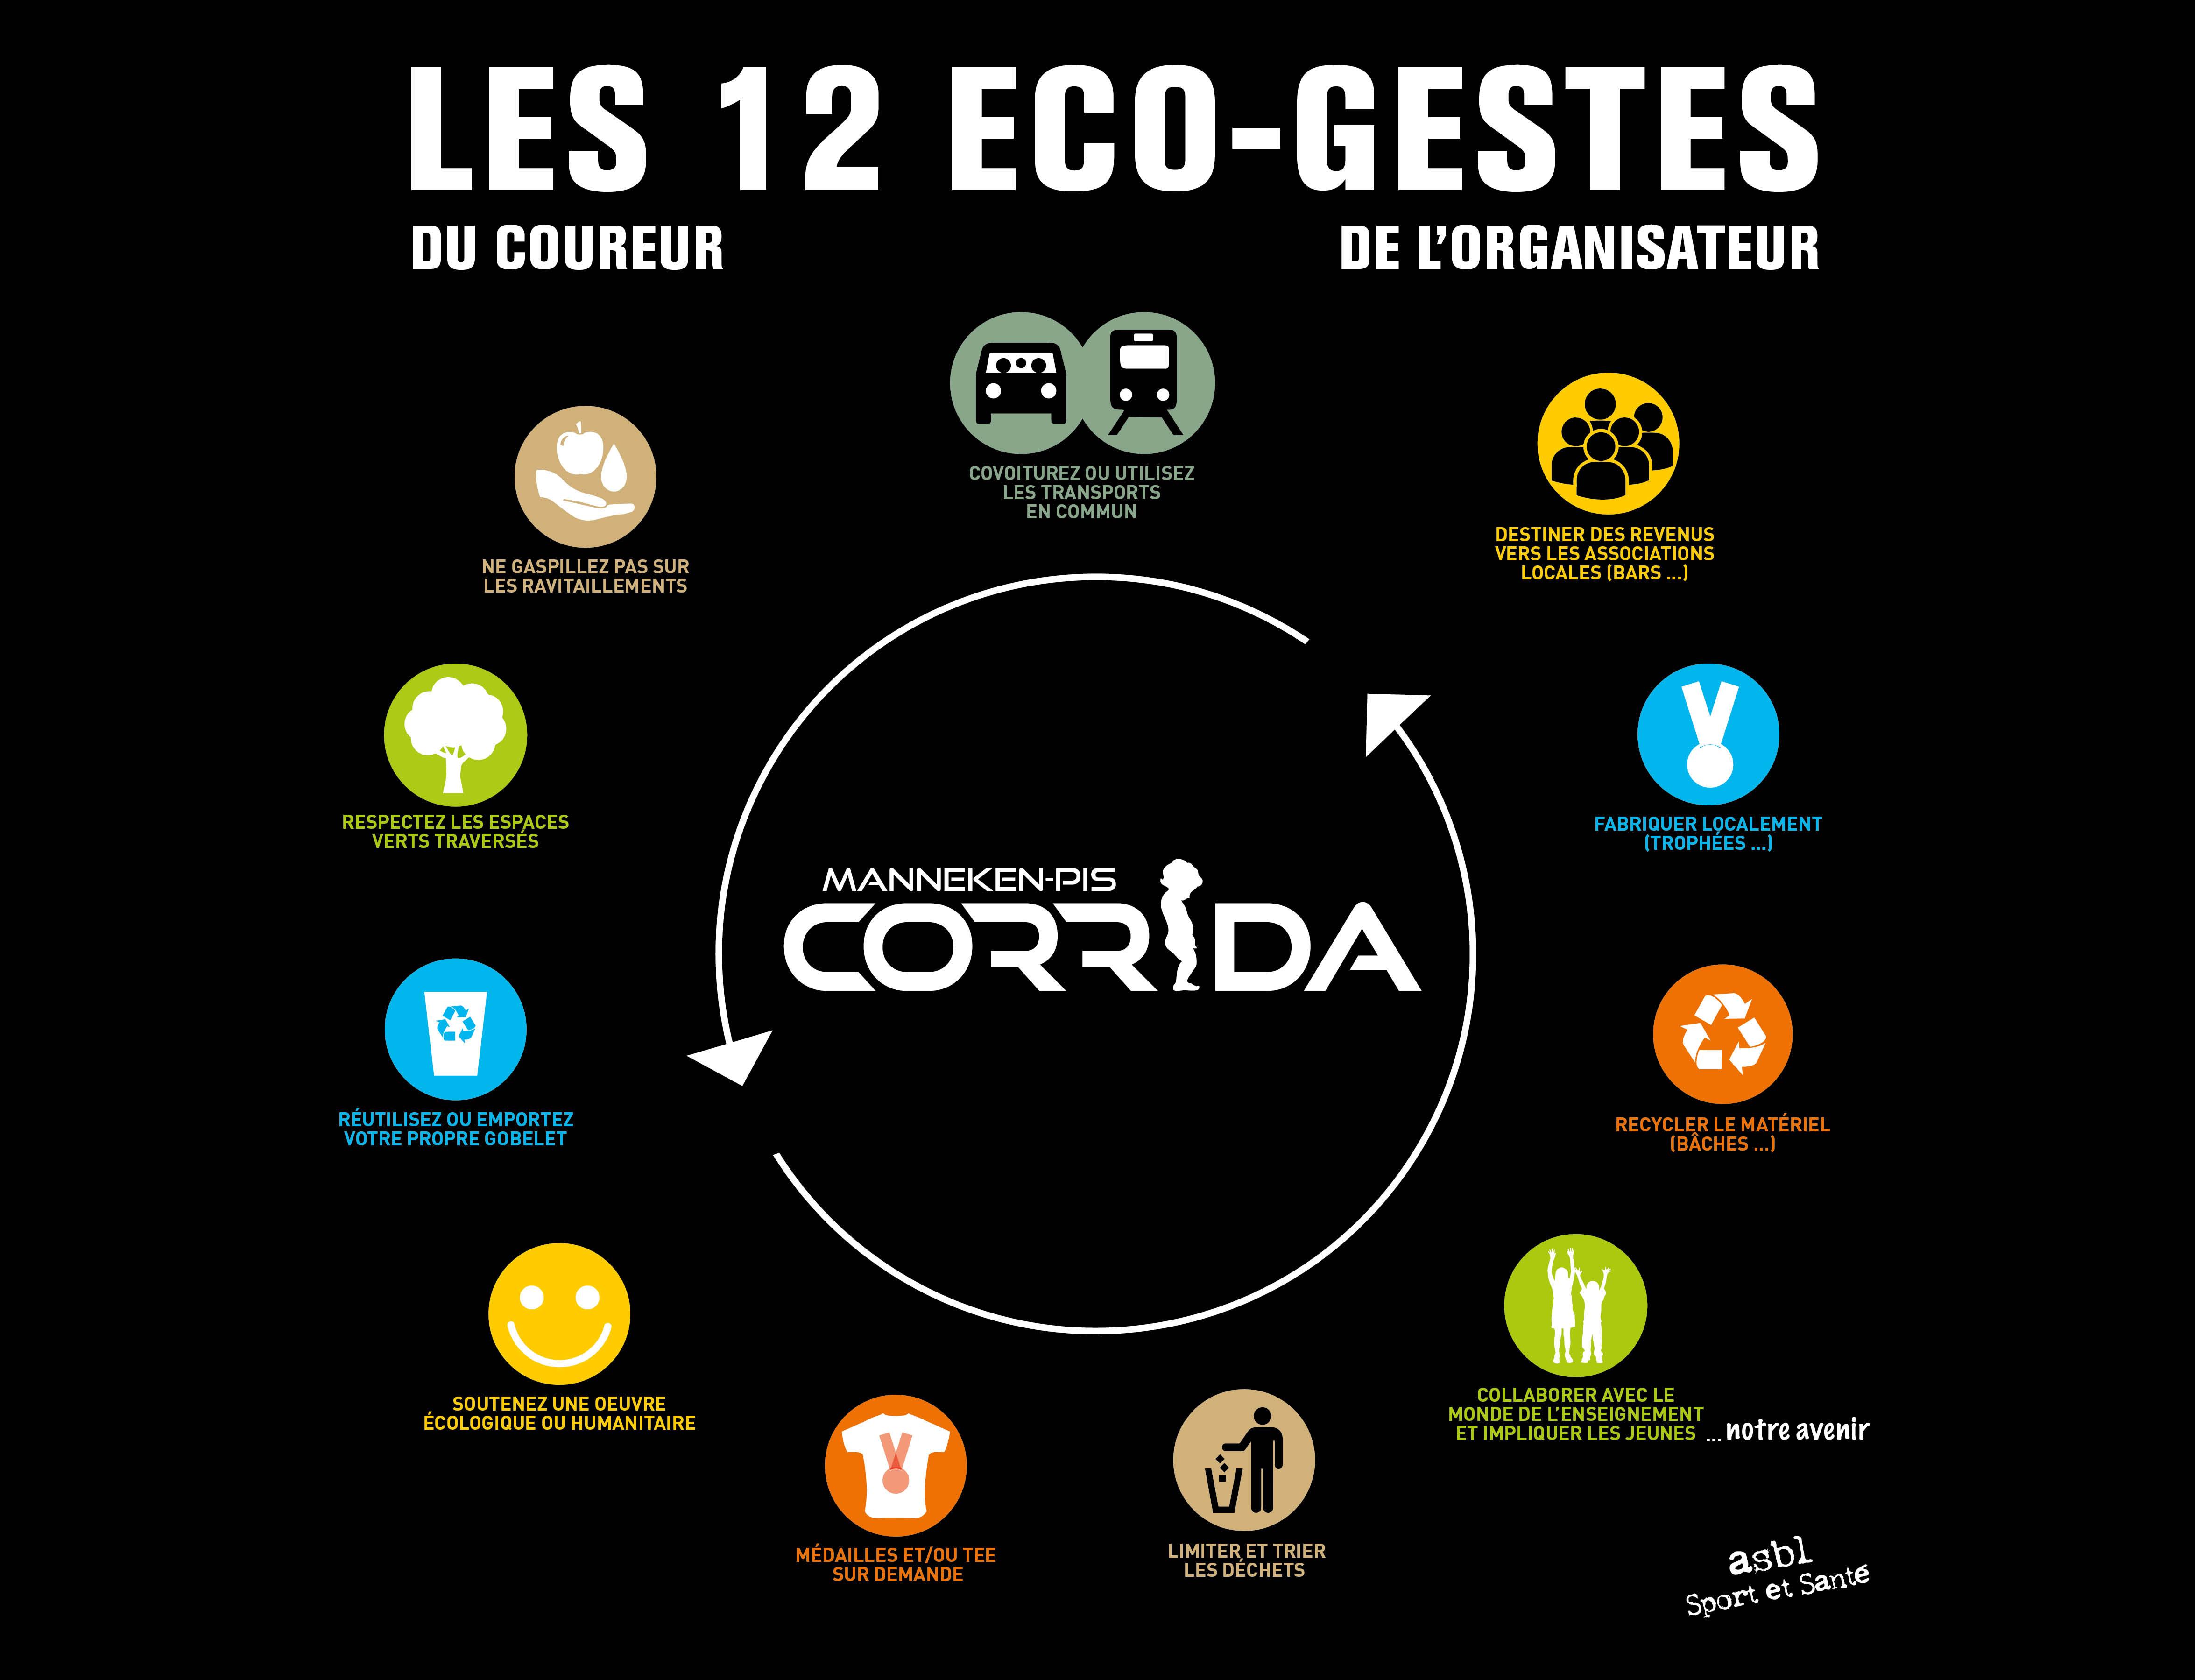 Eco-Corrida